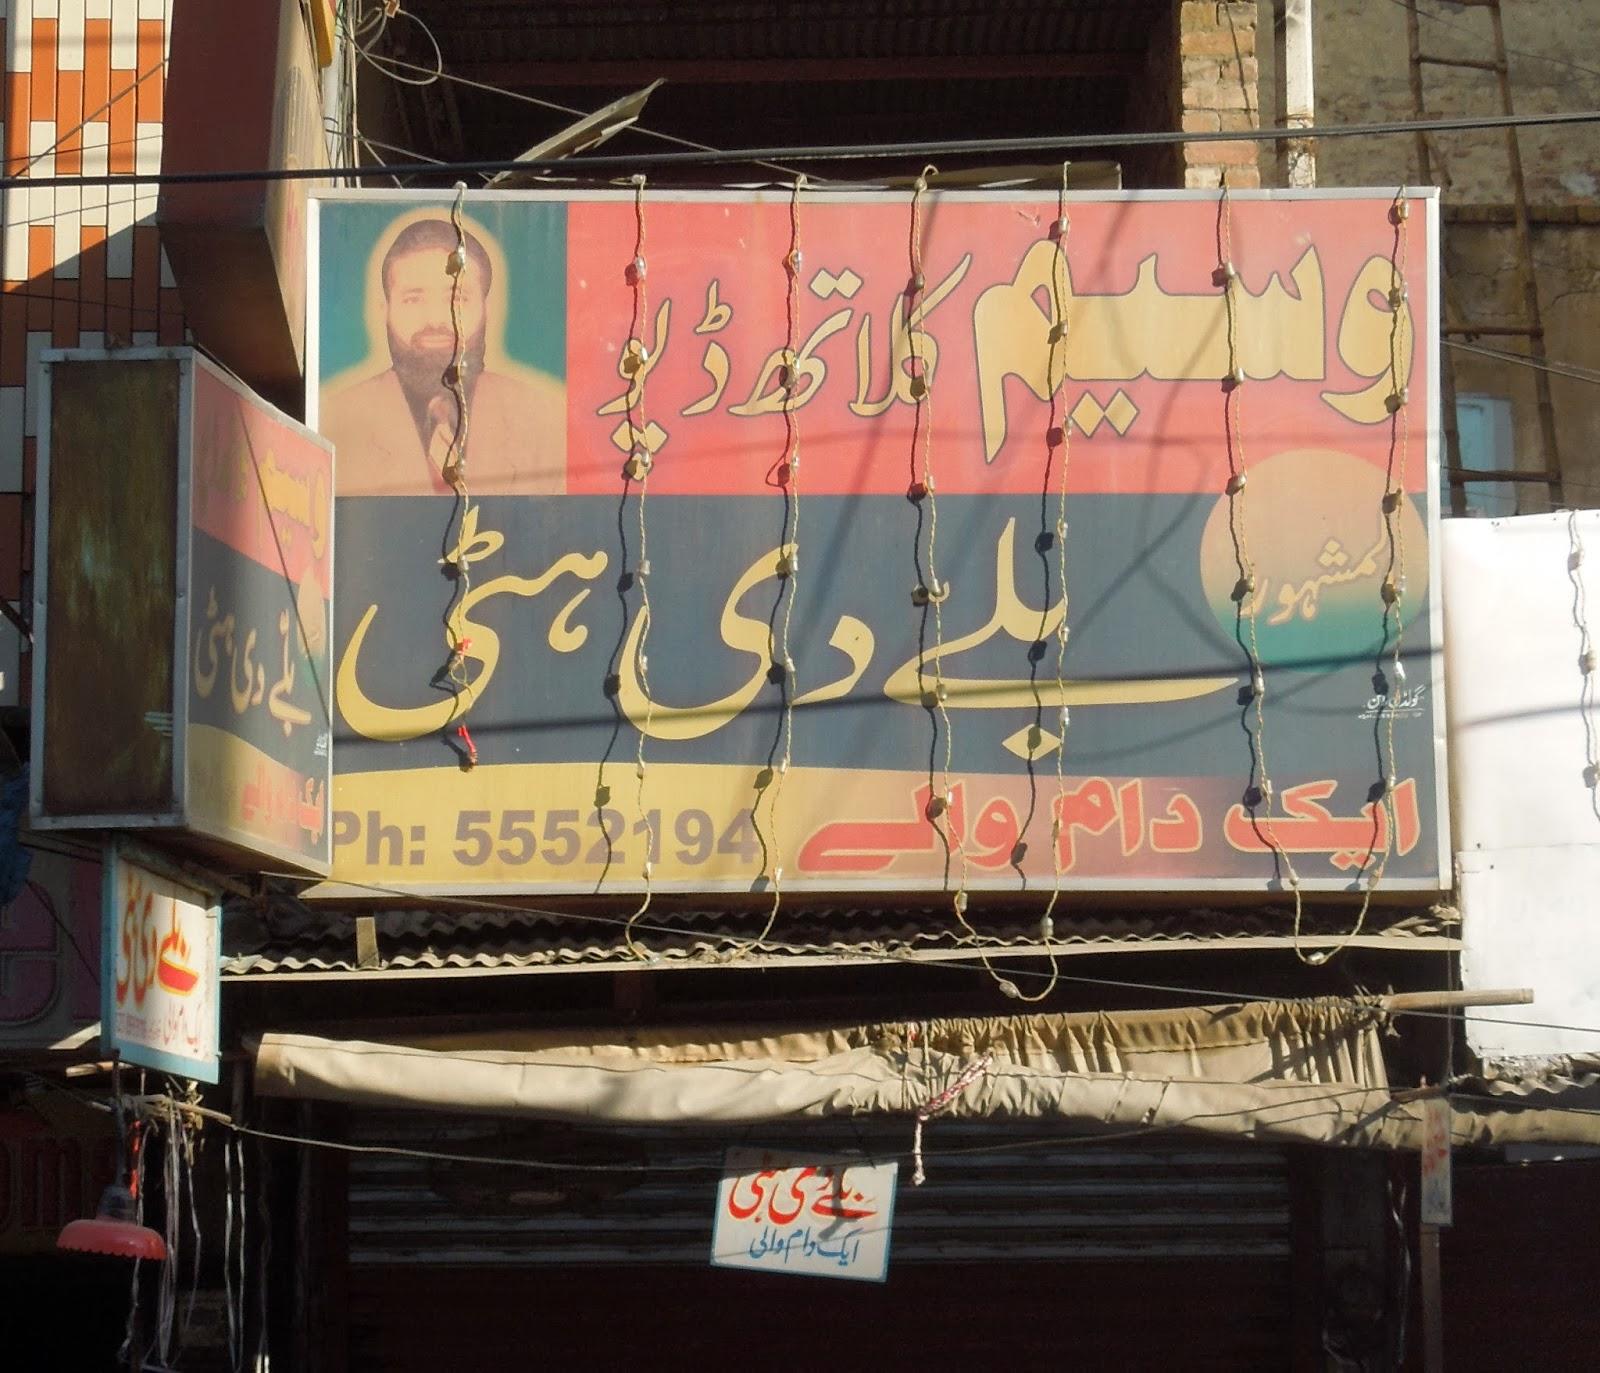 Raja Bazar Rawalpindi: Shiraz Hassan: The Punjab, Punjabi And The Contradiction